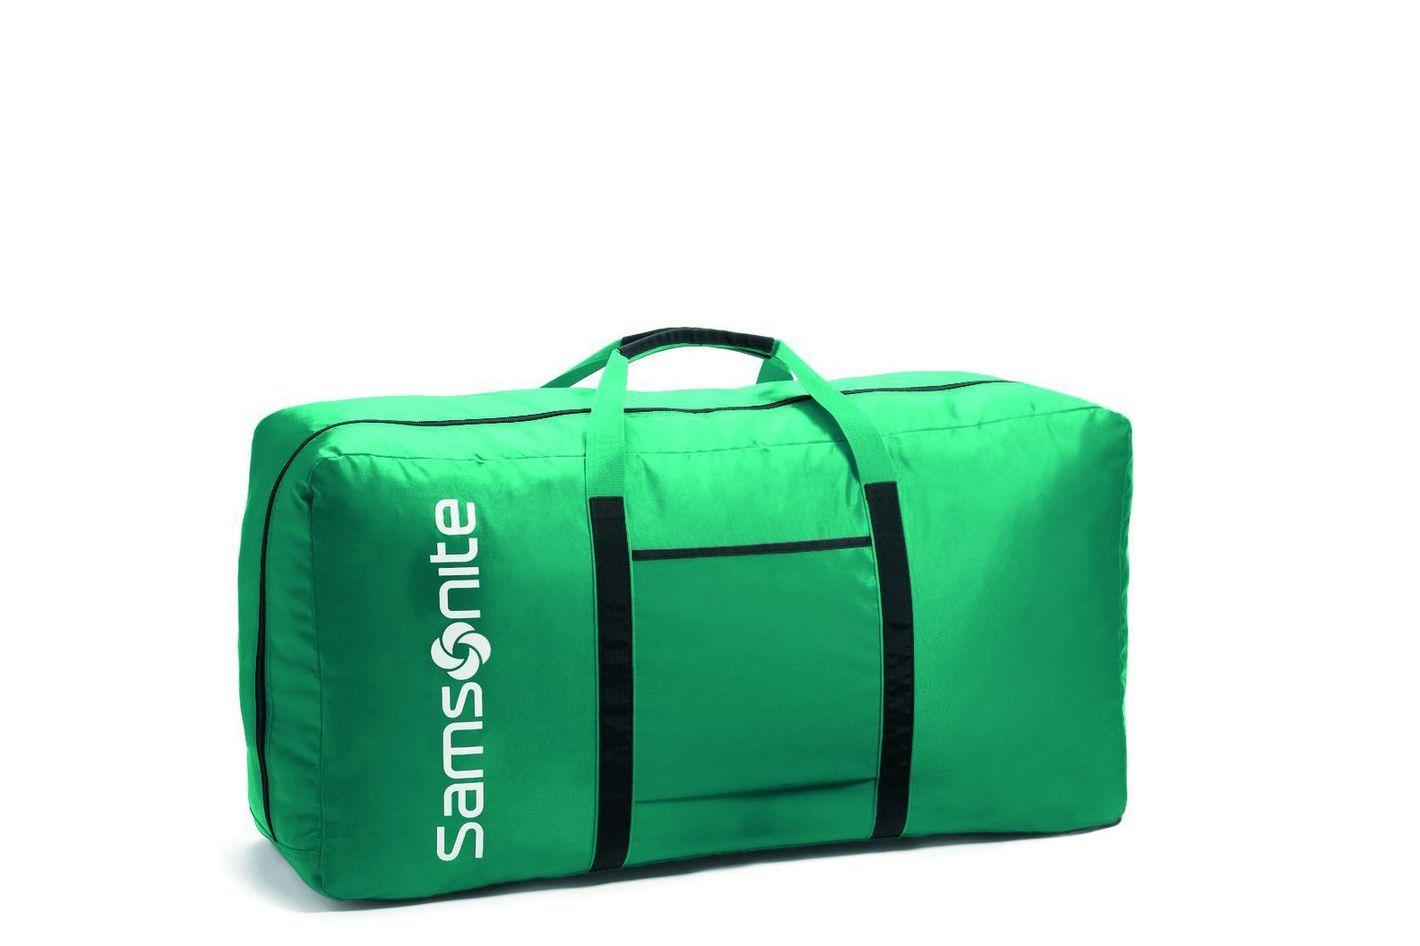 da13162795e6 The 15 Best Weekender Bags for Women 2018